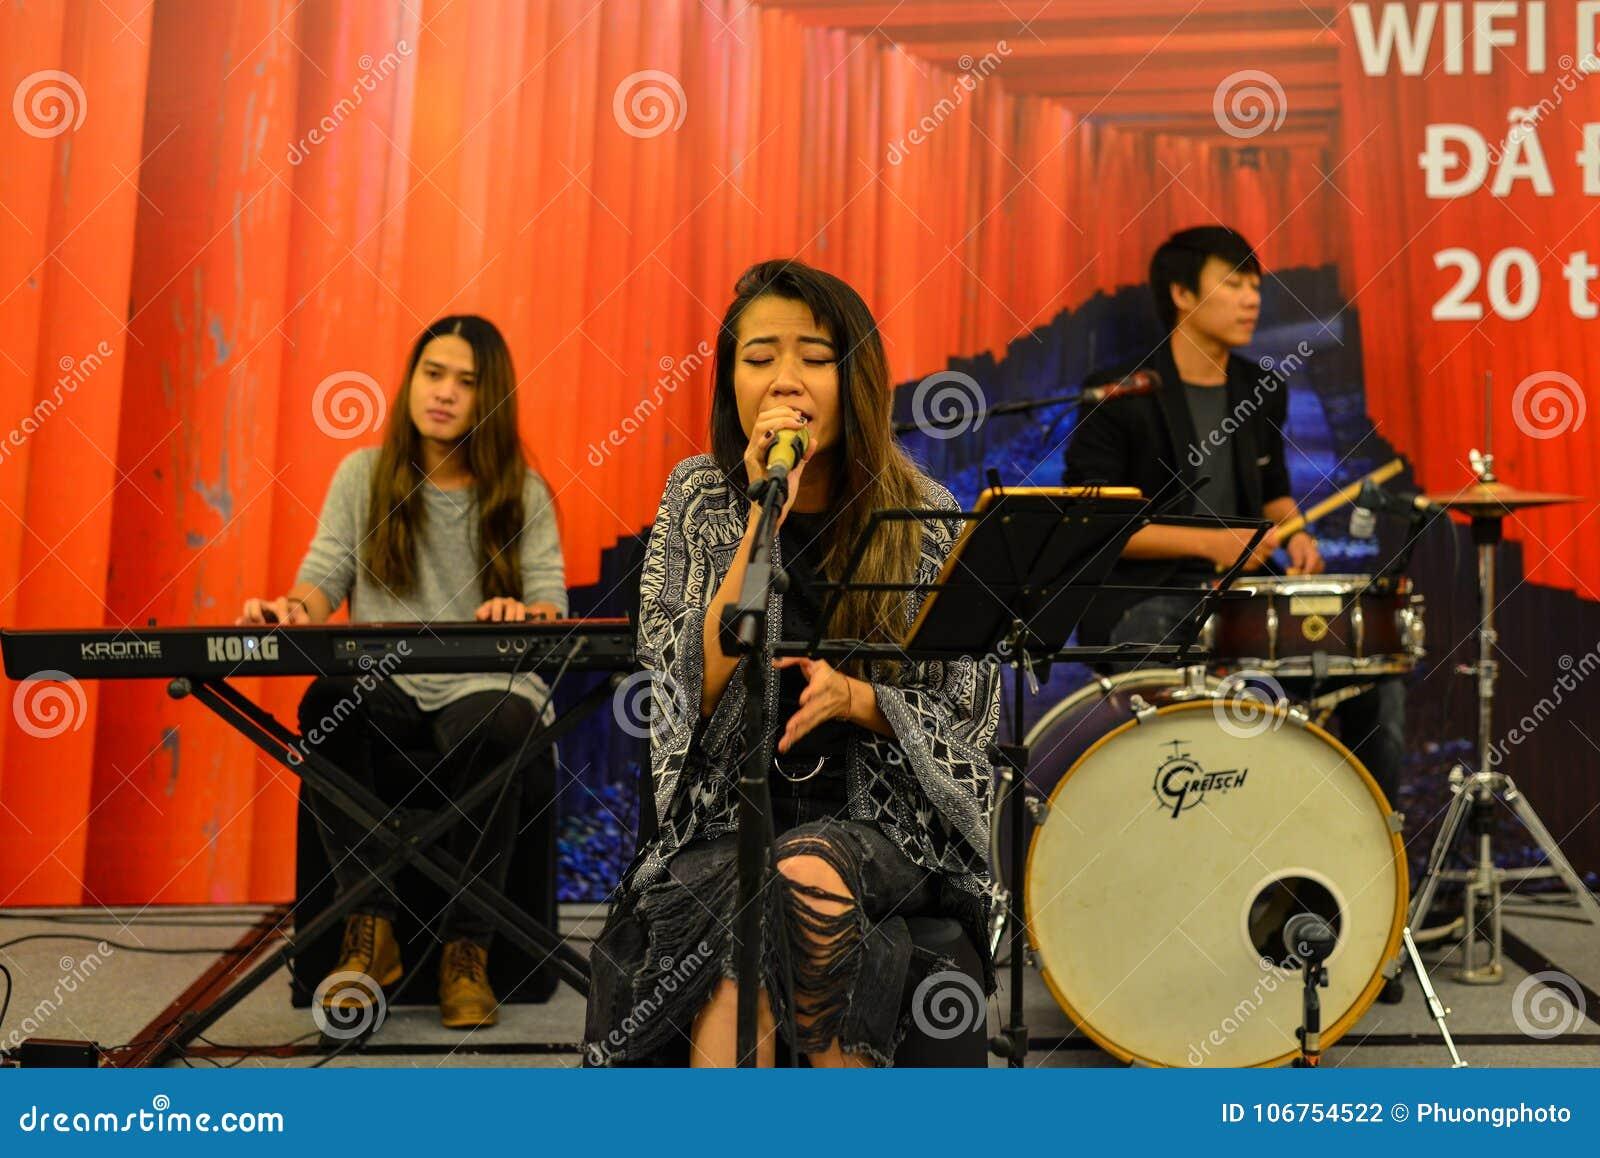 Banda di musica in scena